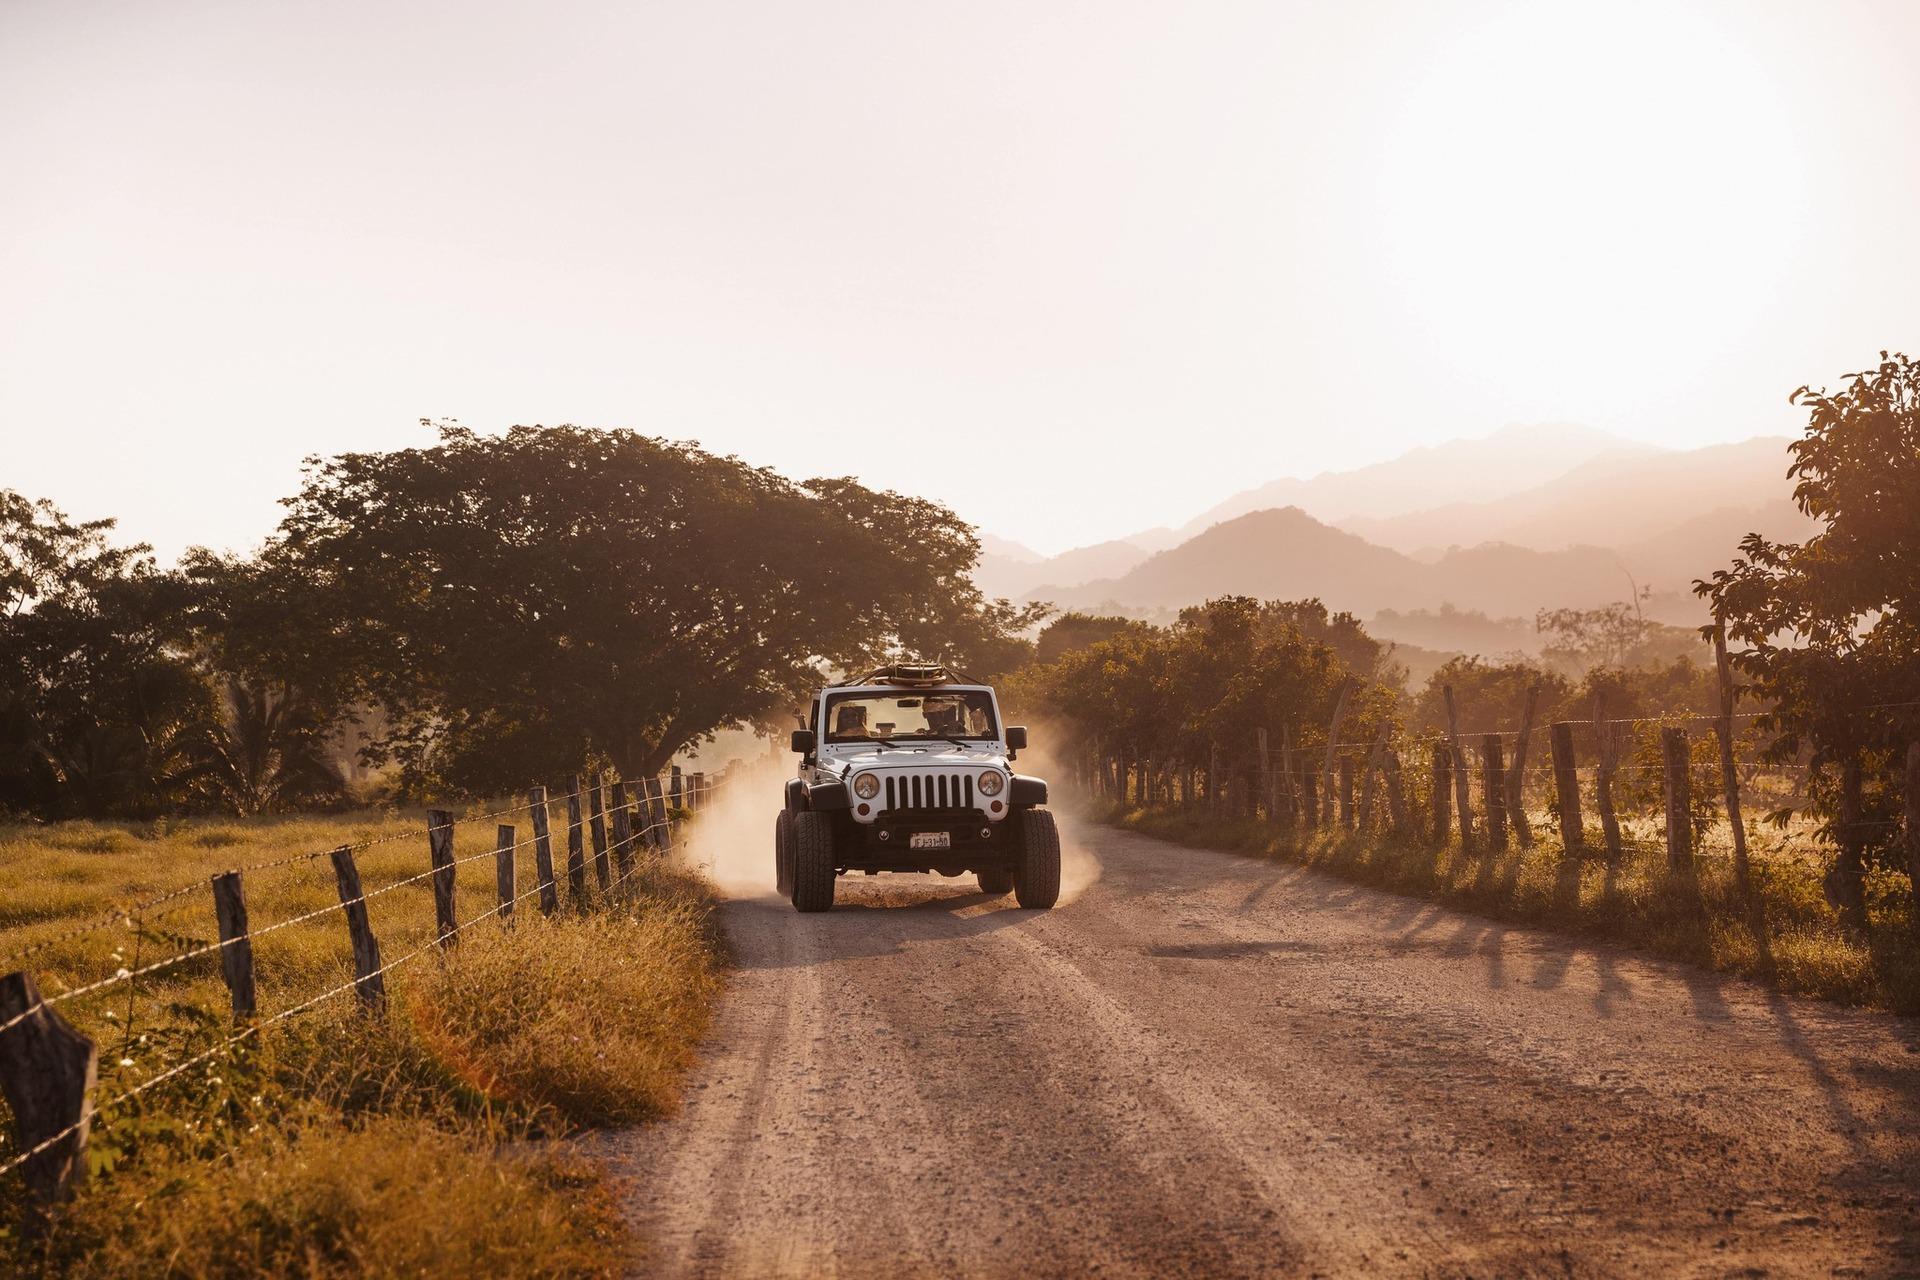 Відчуйте приплив адреналіну, пройшовши денний курс виживання у джунглях: зіплайн, стіну для скелелазіння, канатну дорогу та стежку з перешкодами.